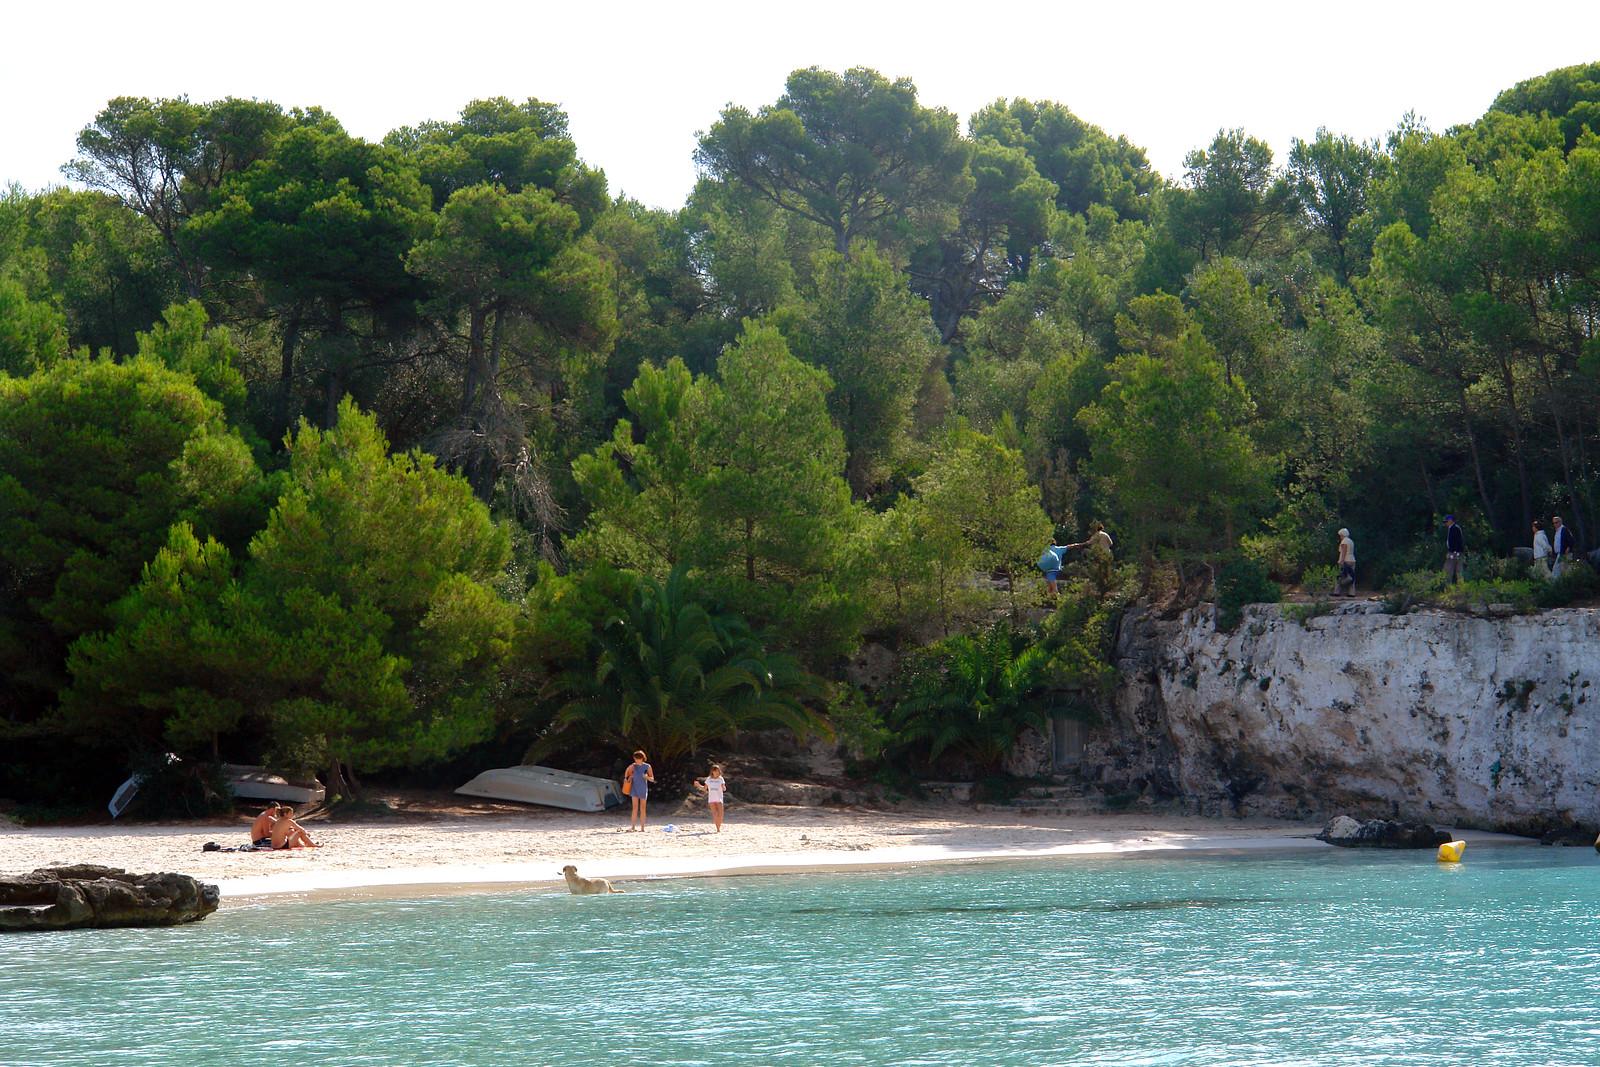 Qué ver en Menorca, Islas Baleares - thewotme qué ver en menorca - 50046798501 eaffe0fcd8 h - Qué ver en Menorca, lugares a NO perderse